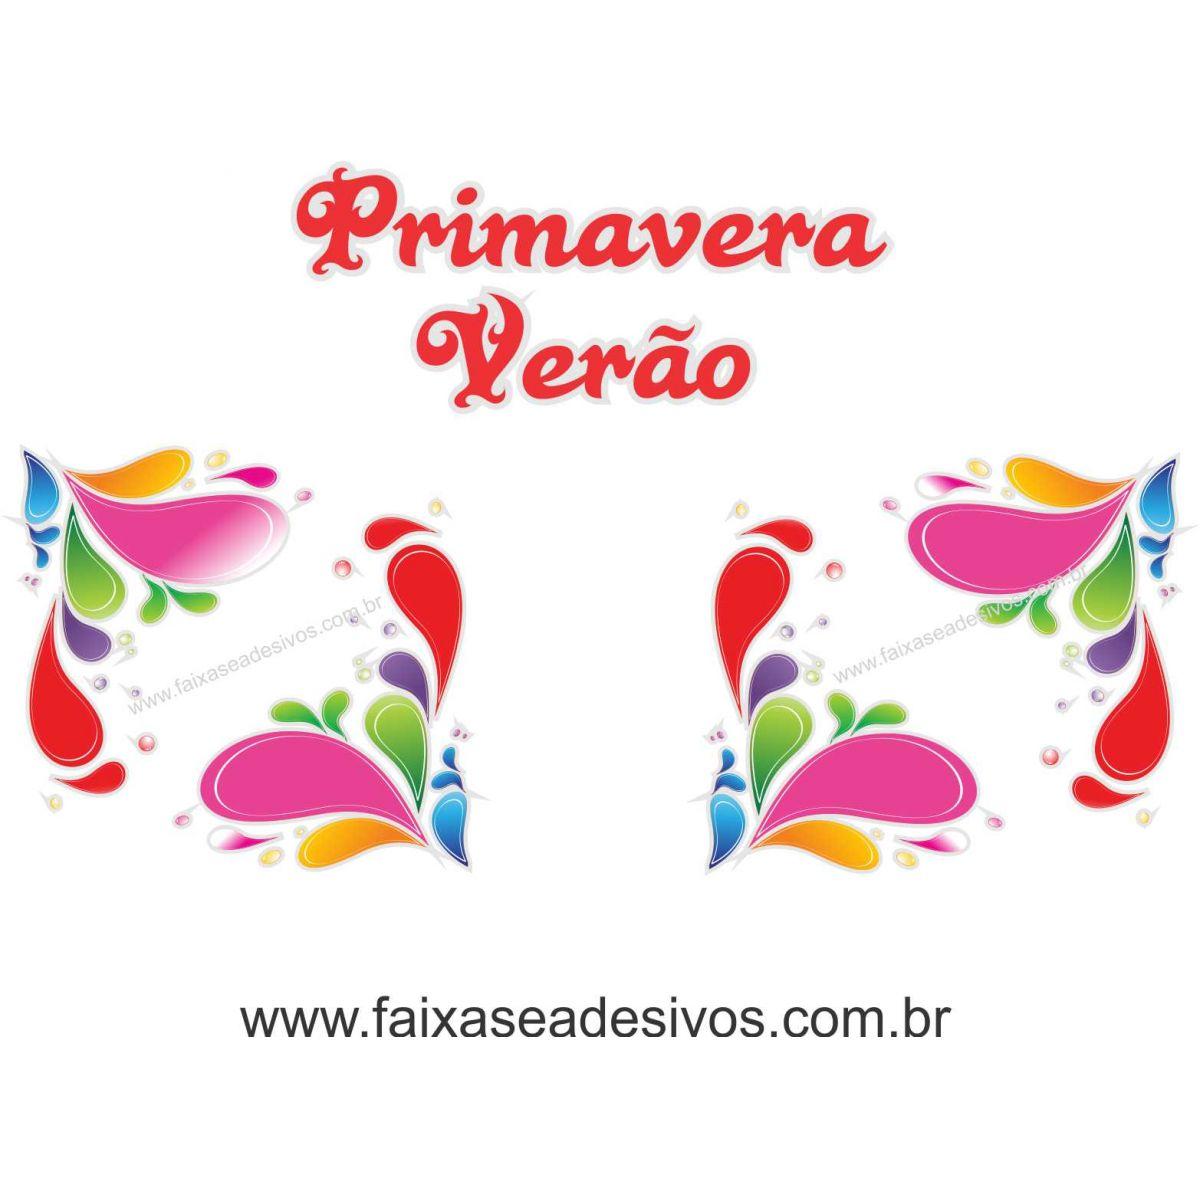 A522 - Adesivo Primavera-Verão - Cantoneiras Alegre  - Fac Signs